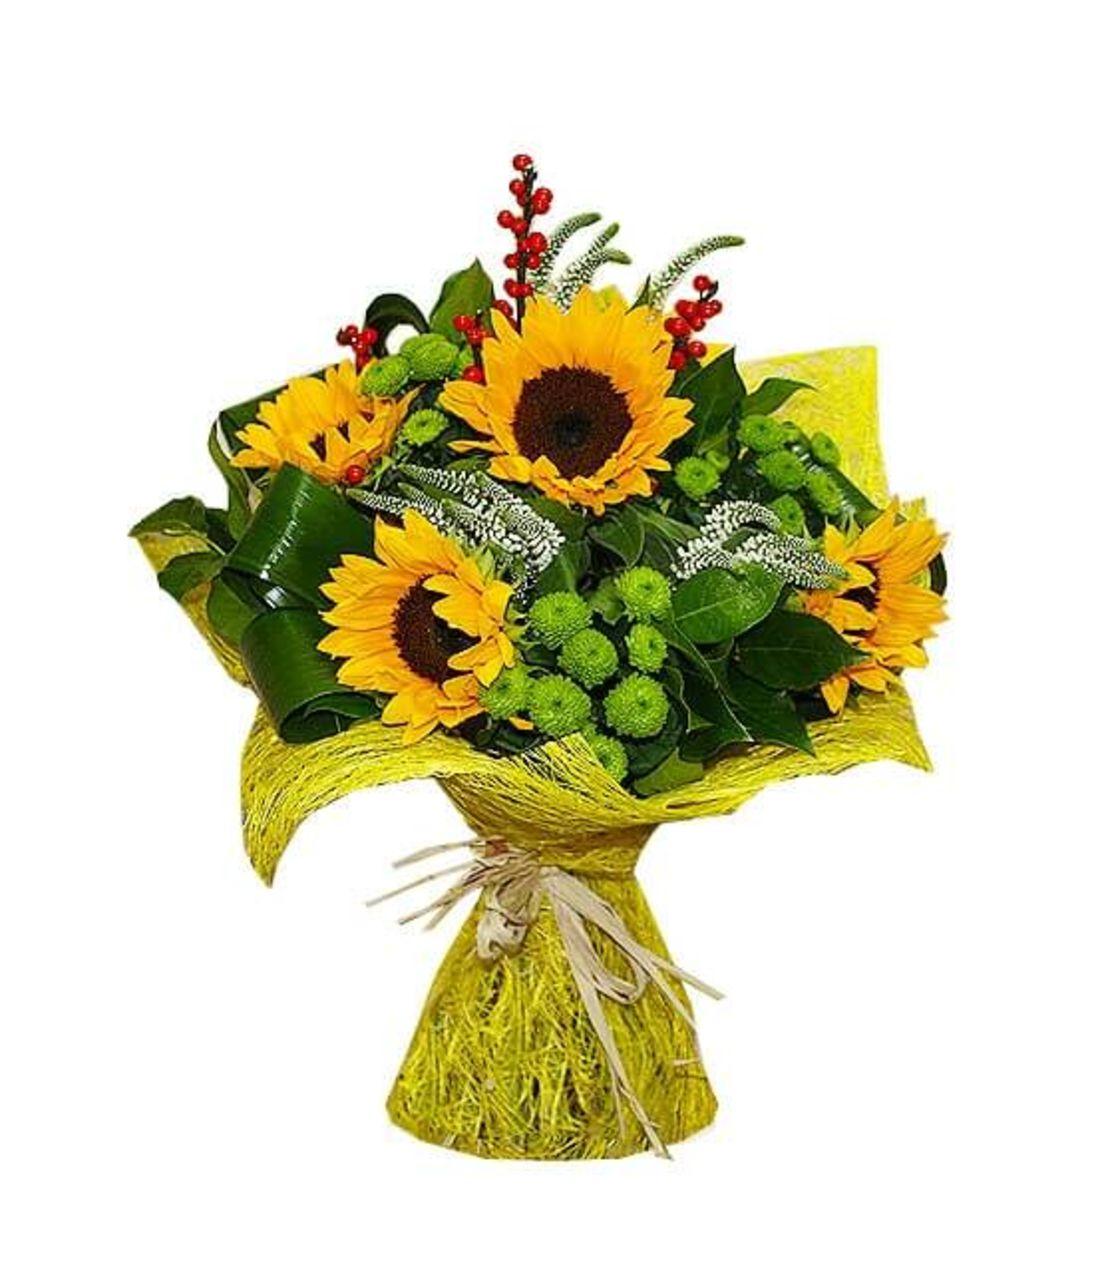 Летний букет. Superflowers.com.ua. Заказать букет летних цветов в Киеве